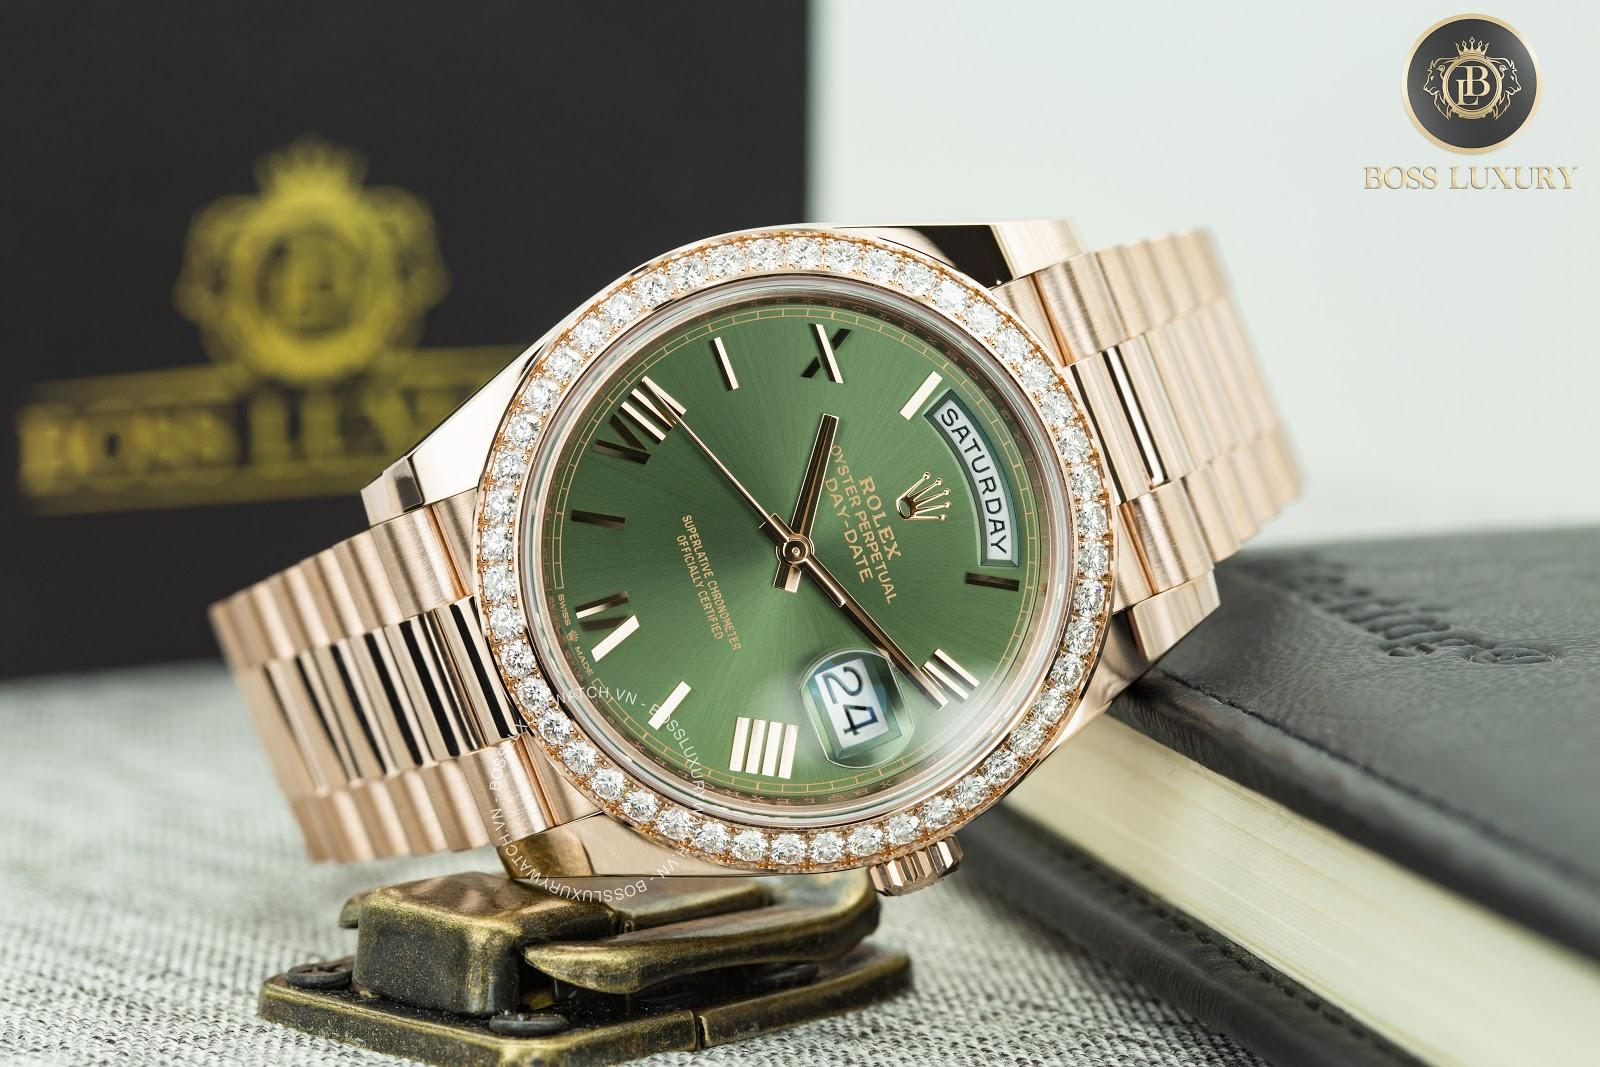 Cùng Boss Luxury cập nhật 5 xu hướng đồng hồ sang trọng không thể bỏ qua năm 2021 - Ảnh 3